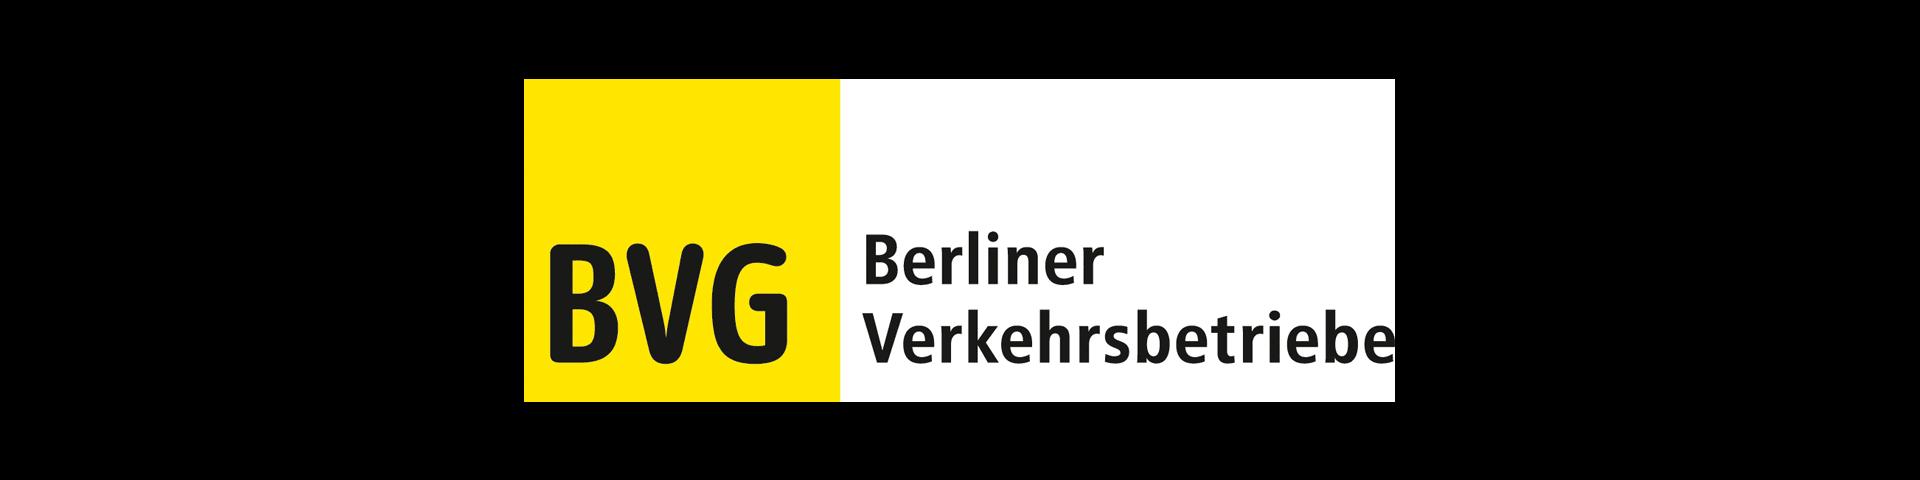 Header BVG